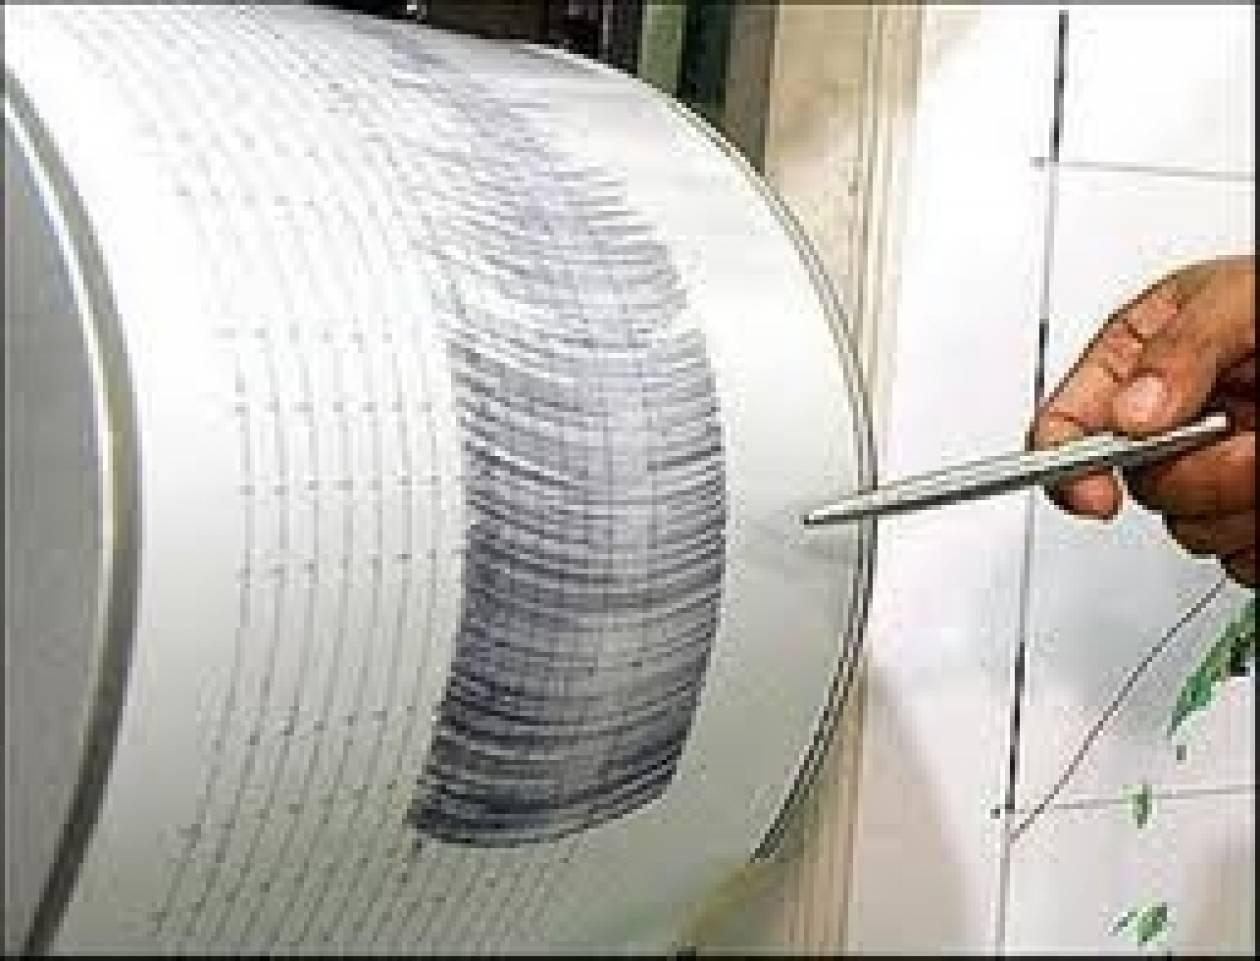 Σεισμός 5.2 ρίχτερ στην Οκλαχόμα